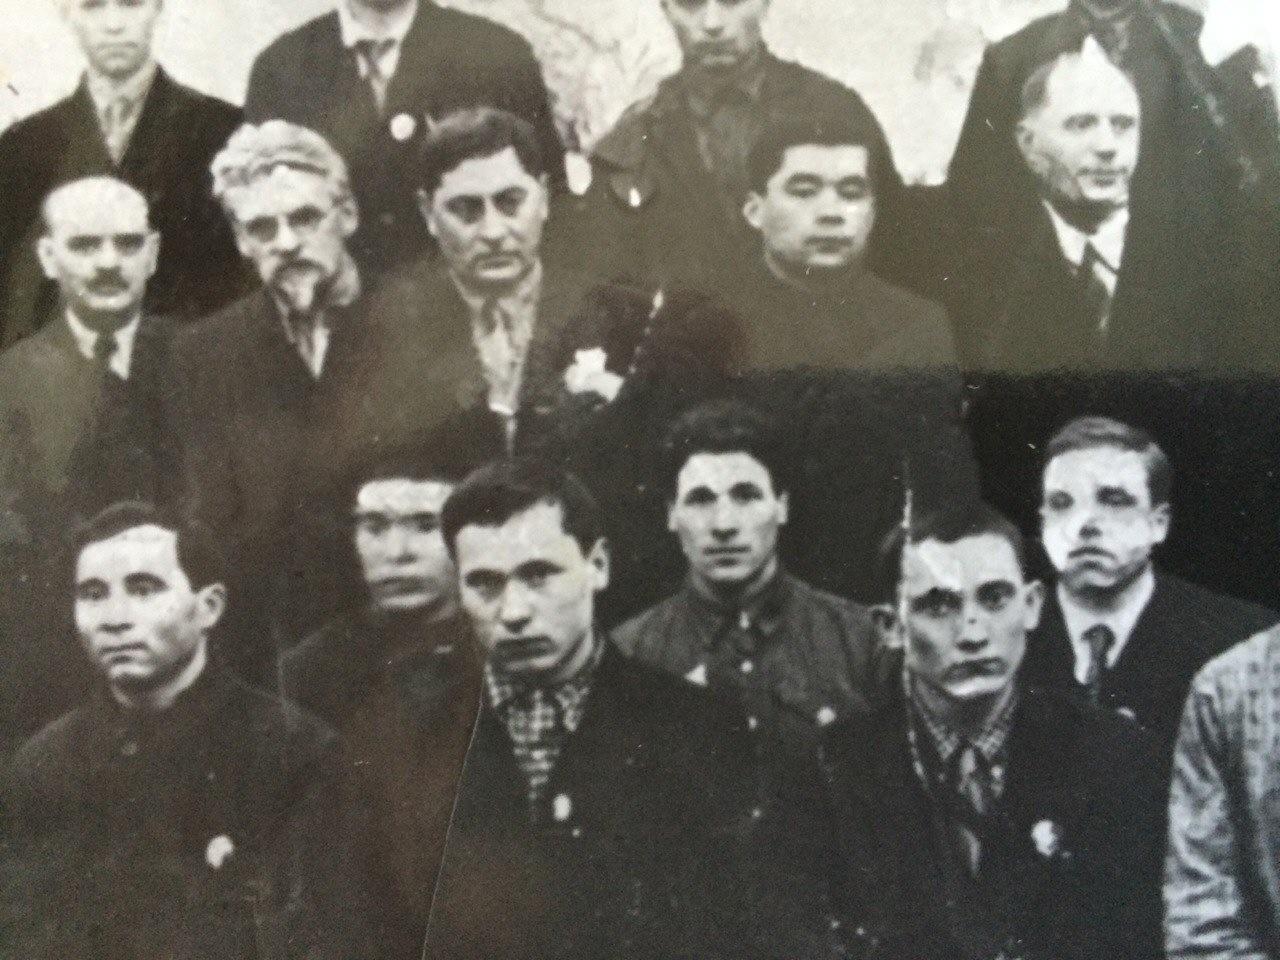 nagrojdenie stalini chiruskina